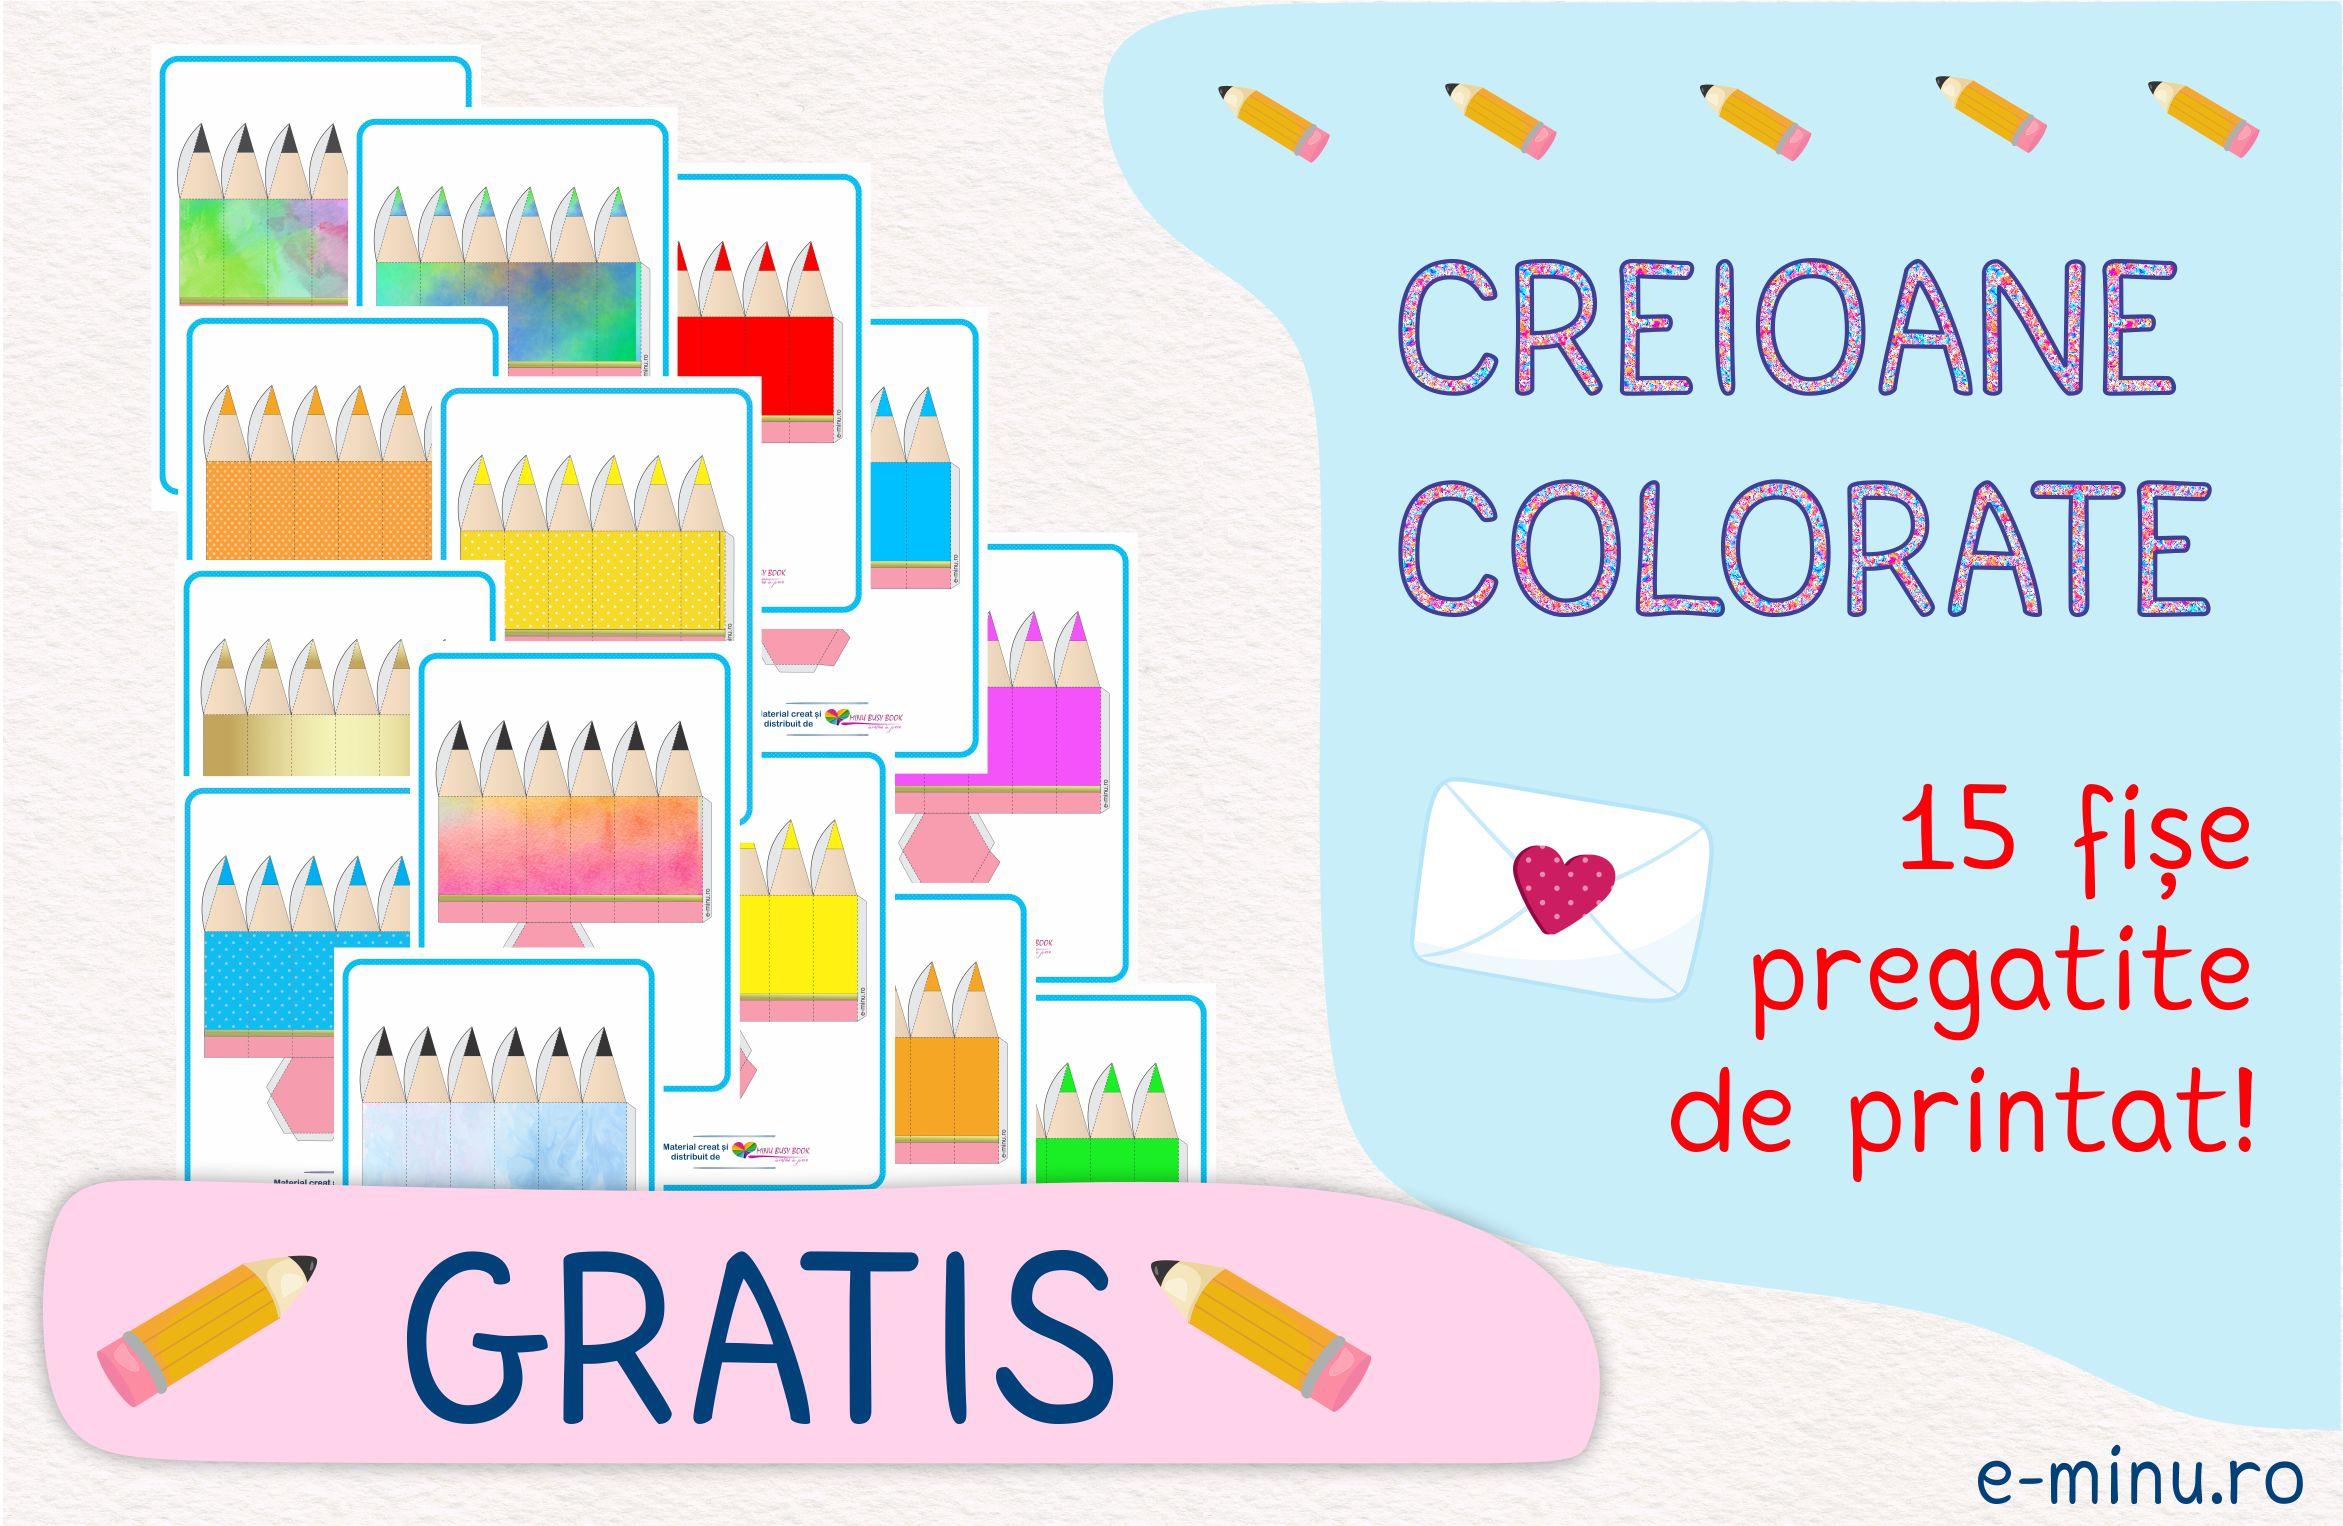 Creioane colorate - fise pentru craft